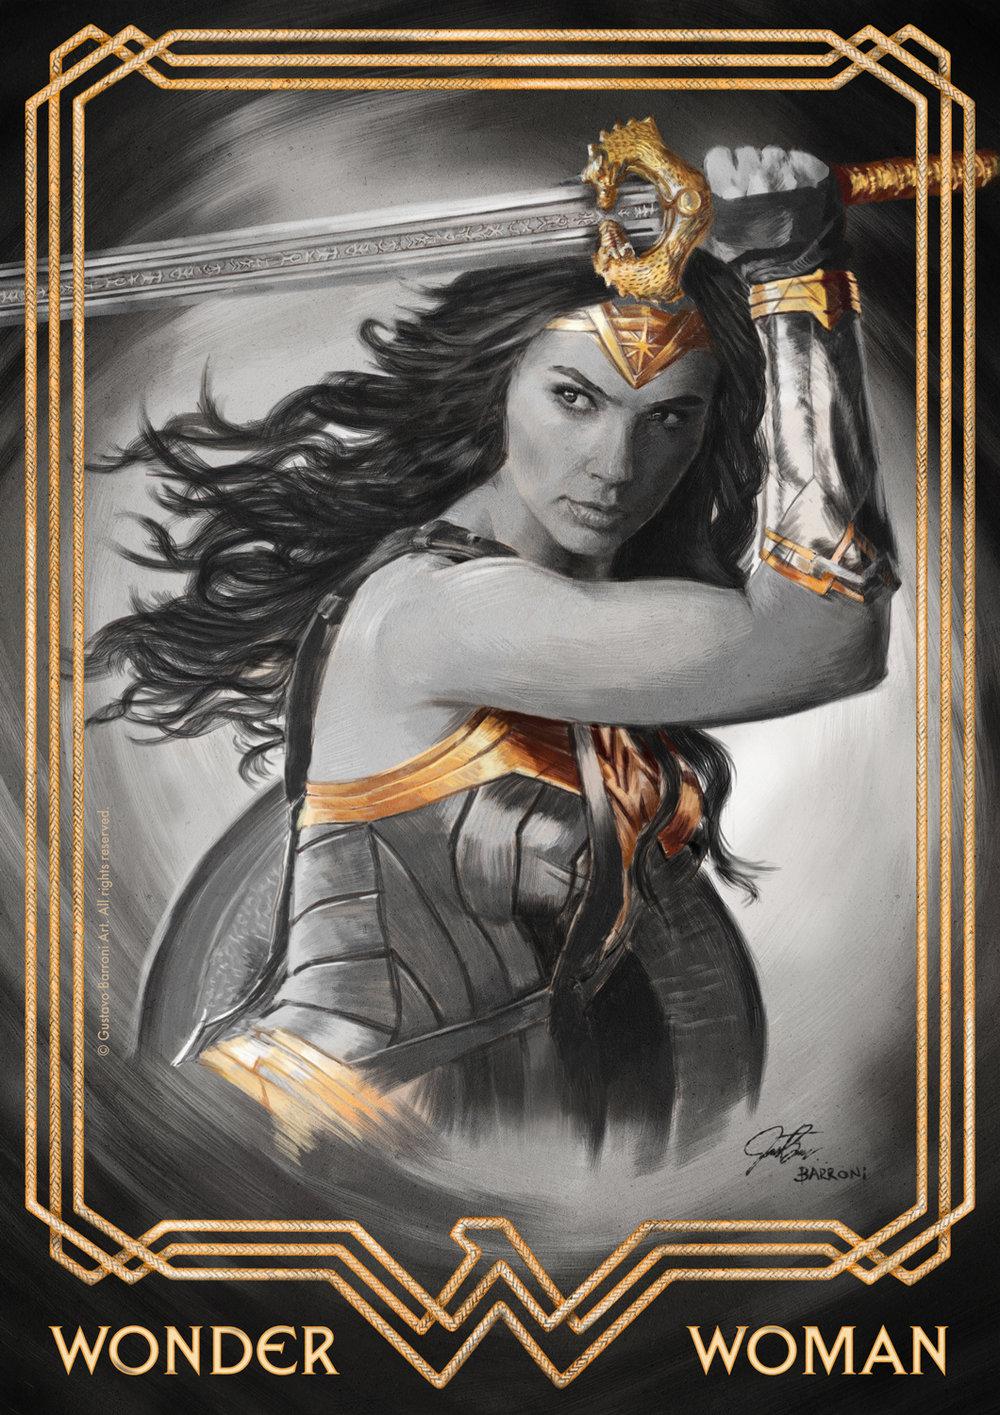 Wonder Woman - Client work